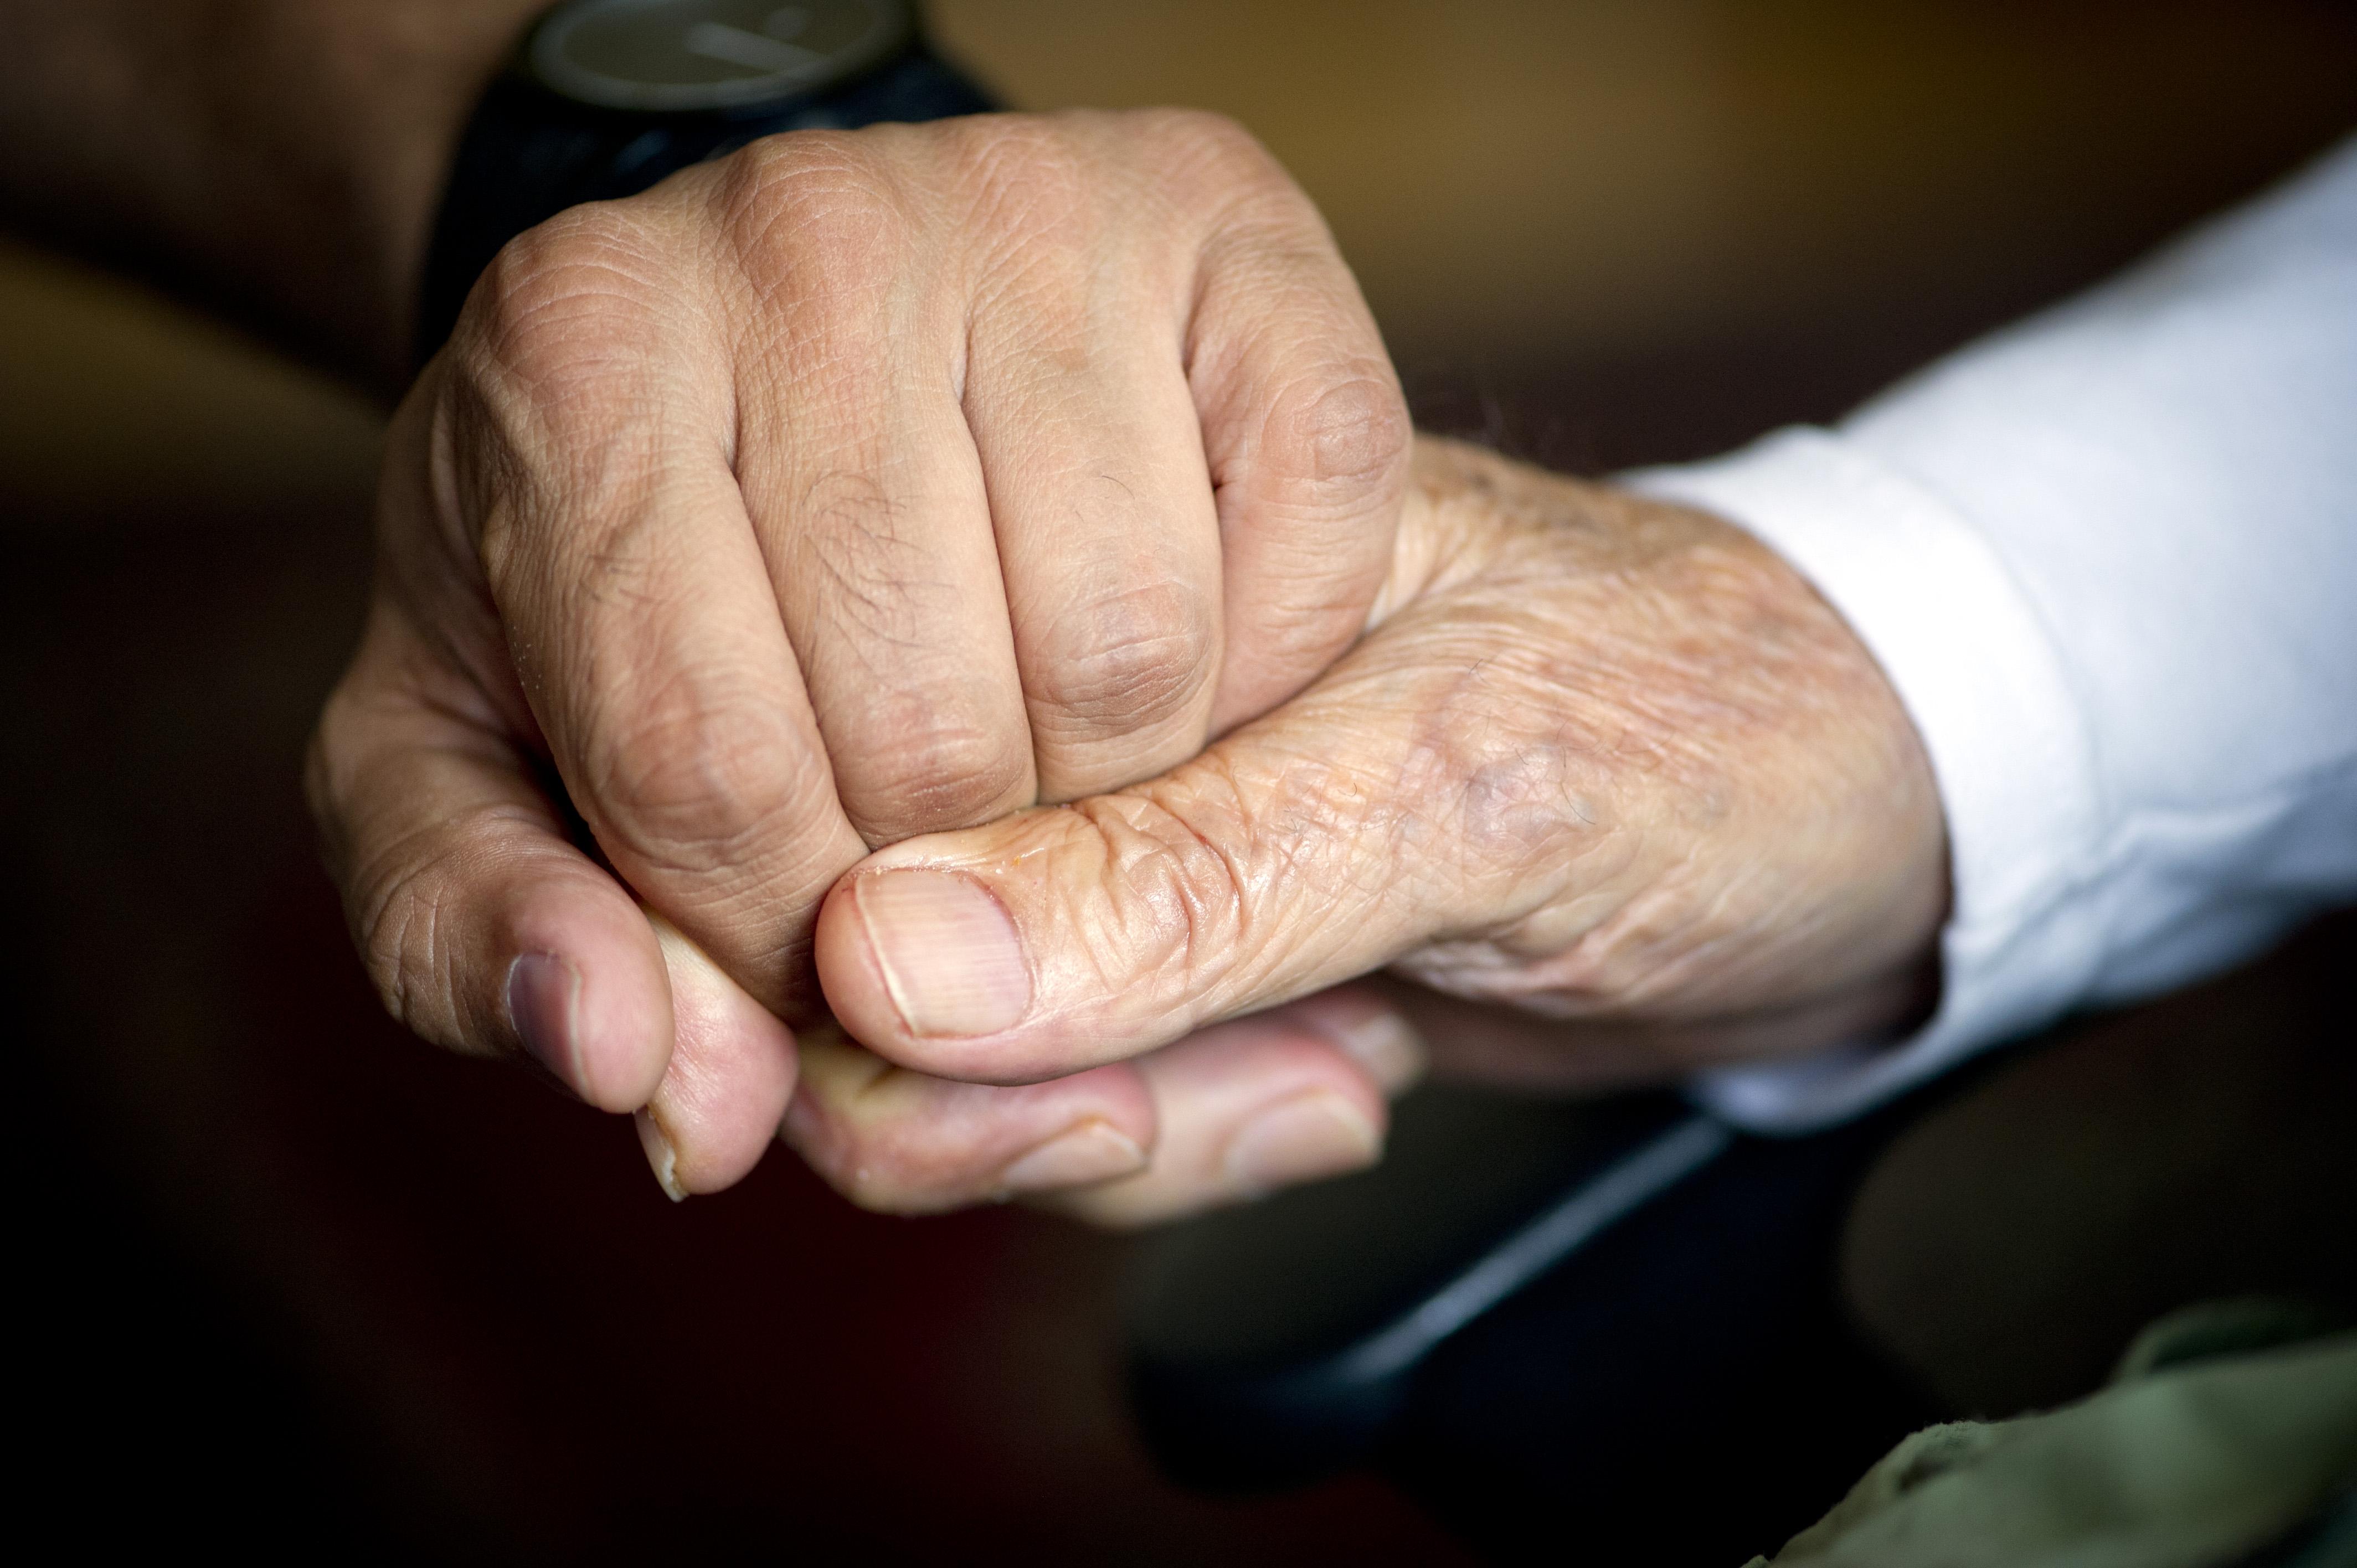 Da 90 anni insieme, sono la coppia più vecchia del mondo